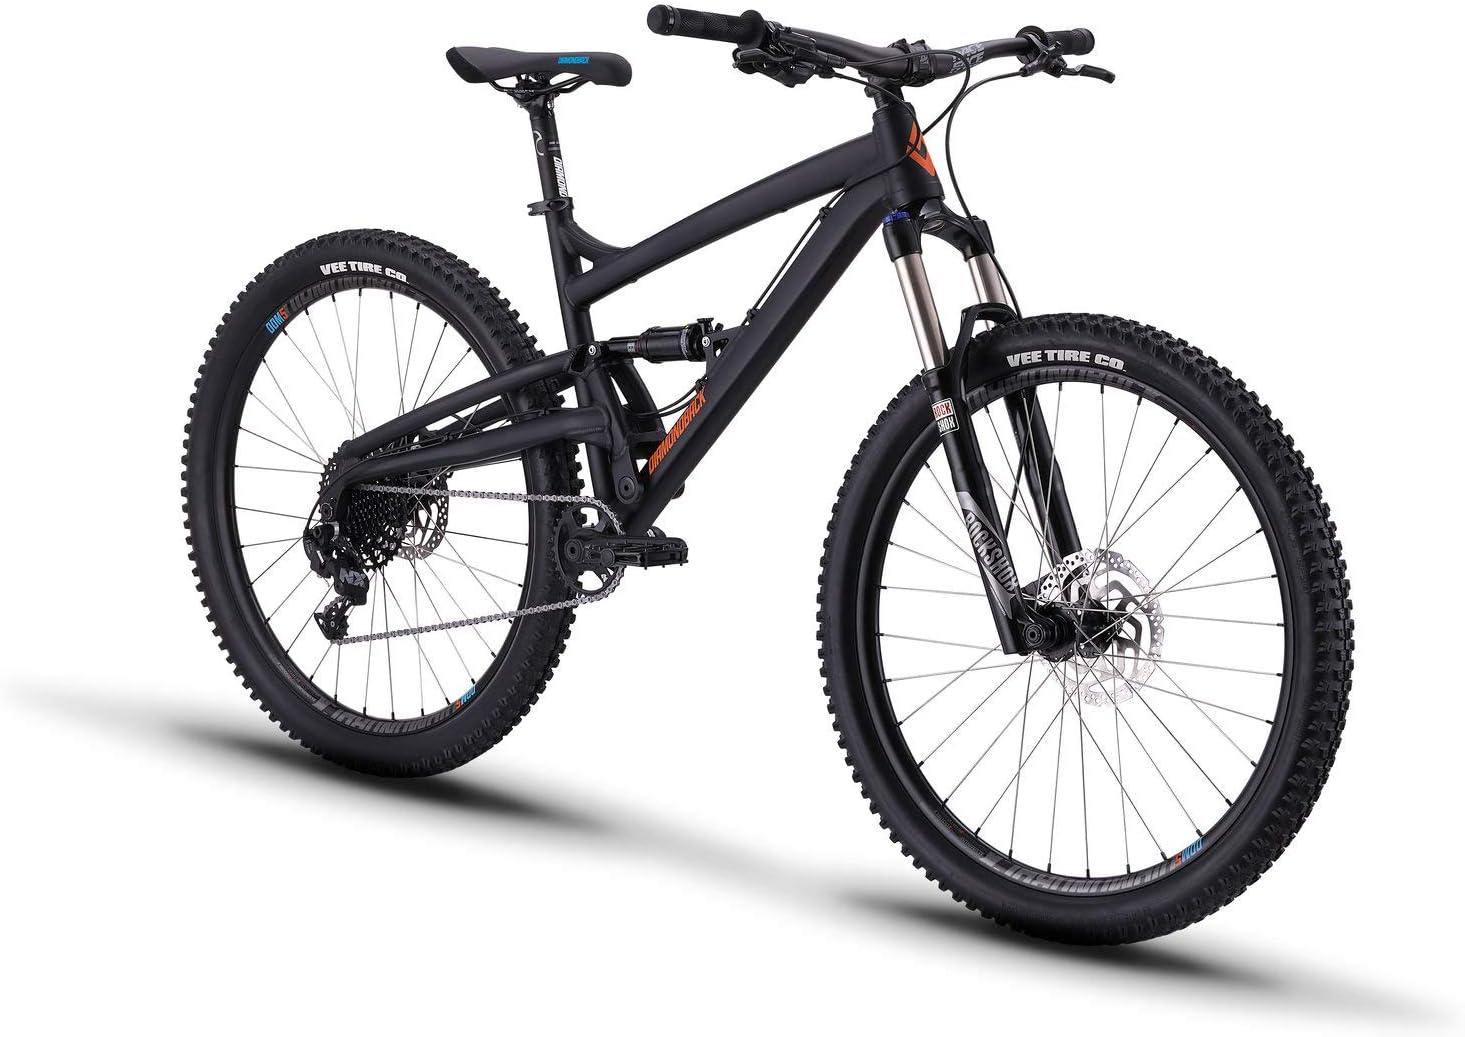 best full suspension mountain bike under 2000: Diamondback Bicycles Atroz 3 Full Suspension Mountain Bike